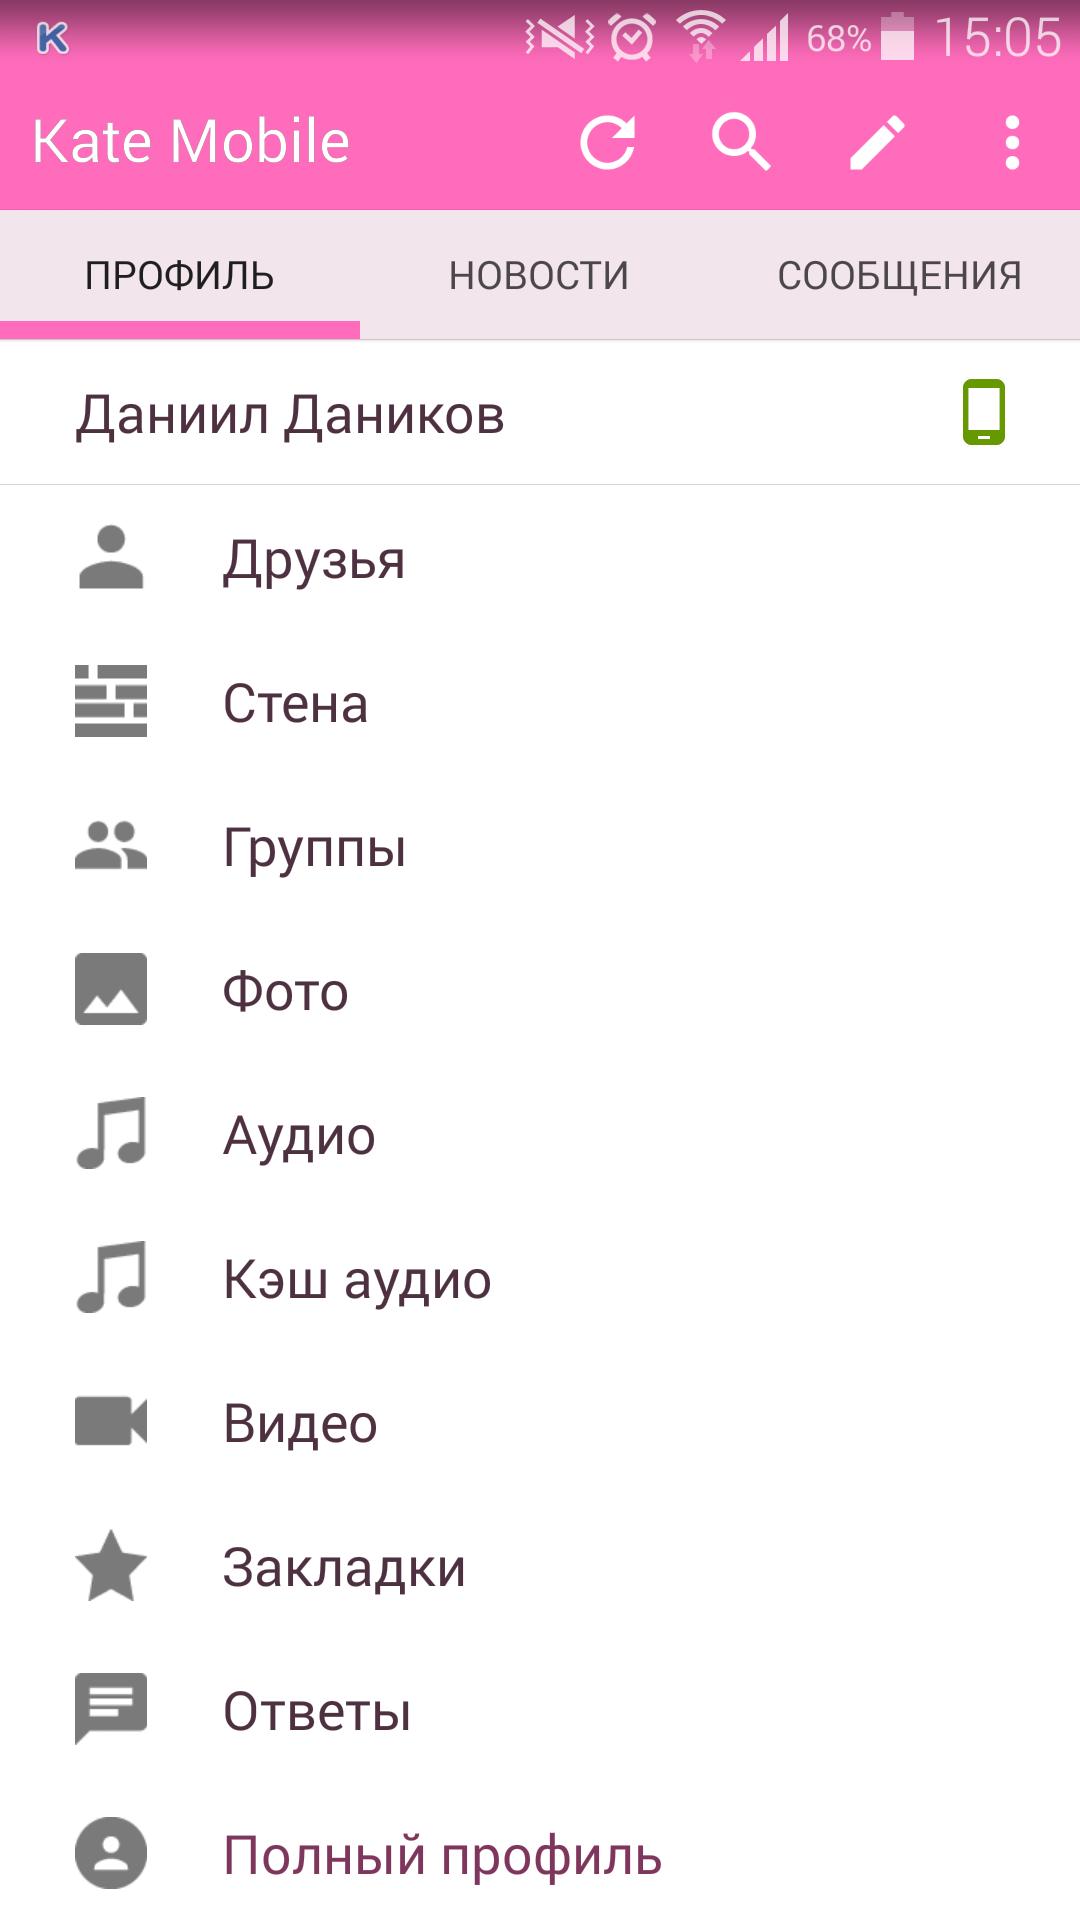 Приложение кейт мобил скачать на андроид программа фотошоп скачать на телефон бесплатно